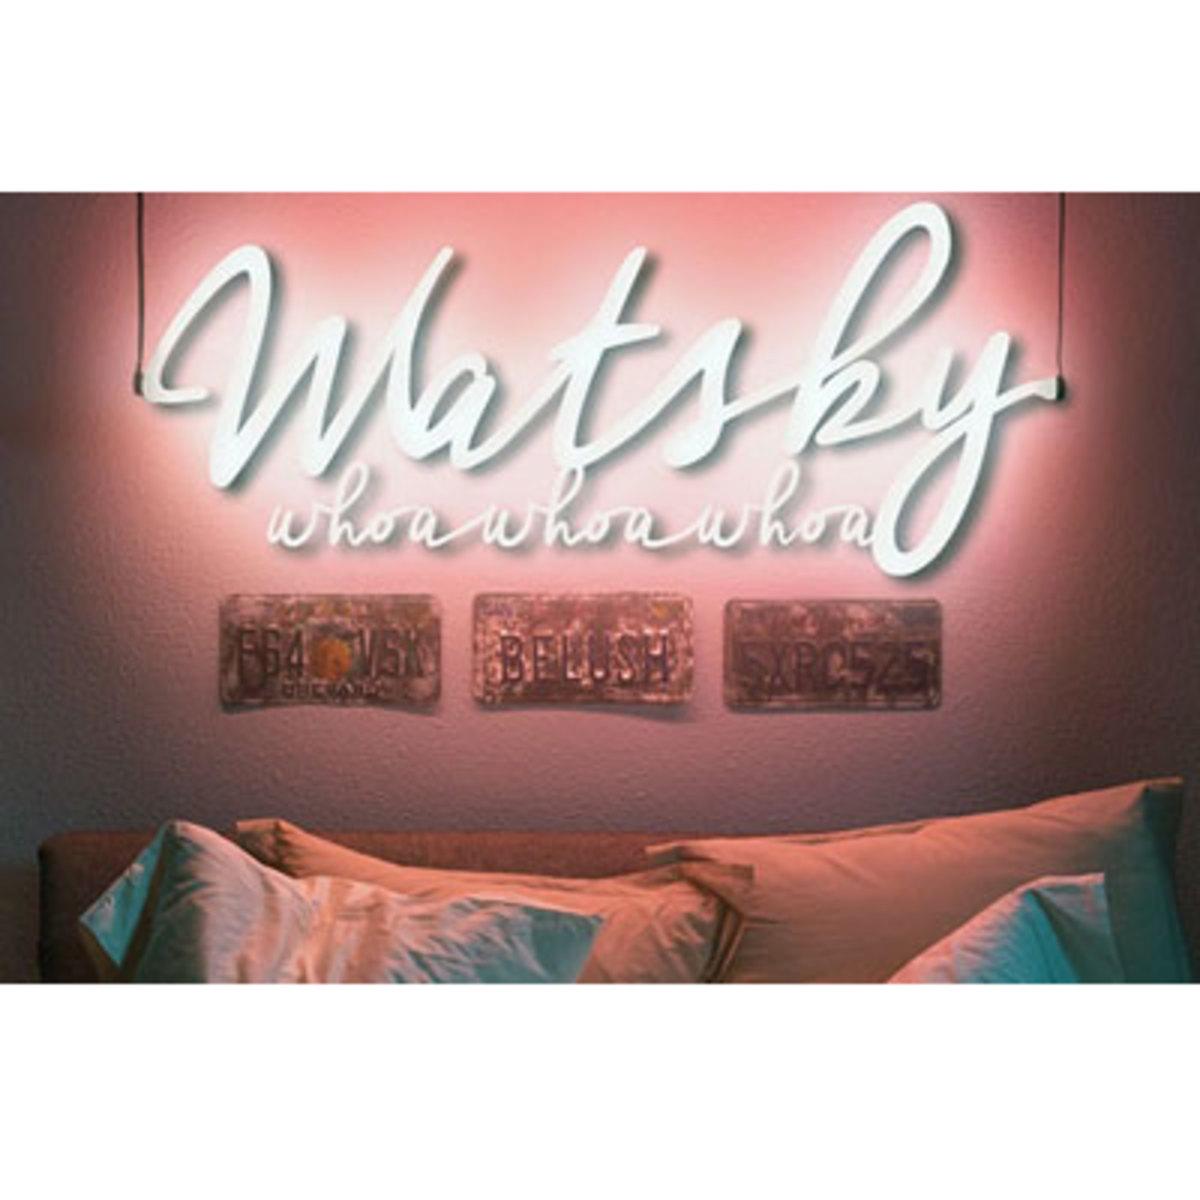 watsky-whoawhoawhoa.jpg